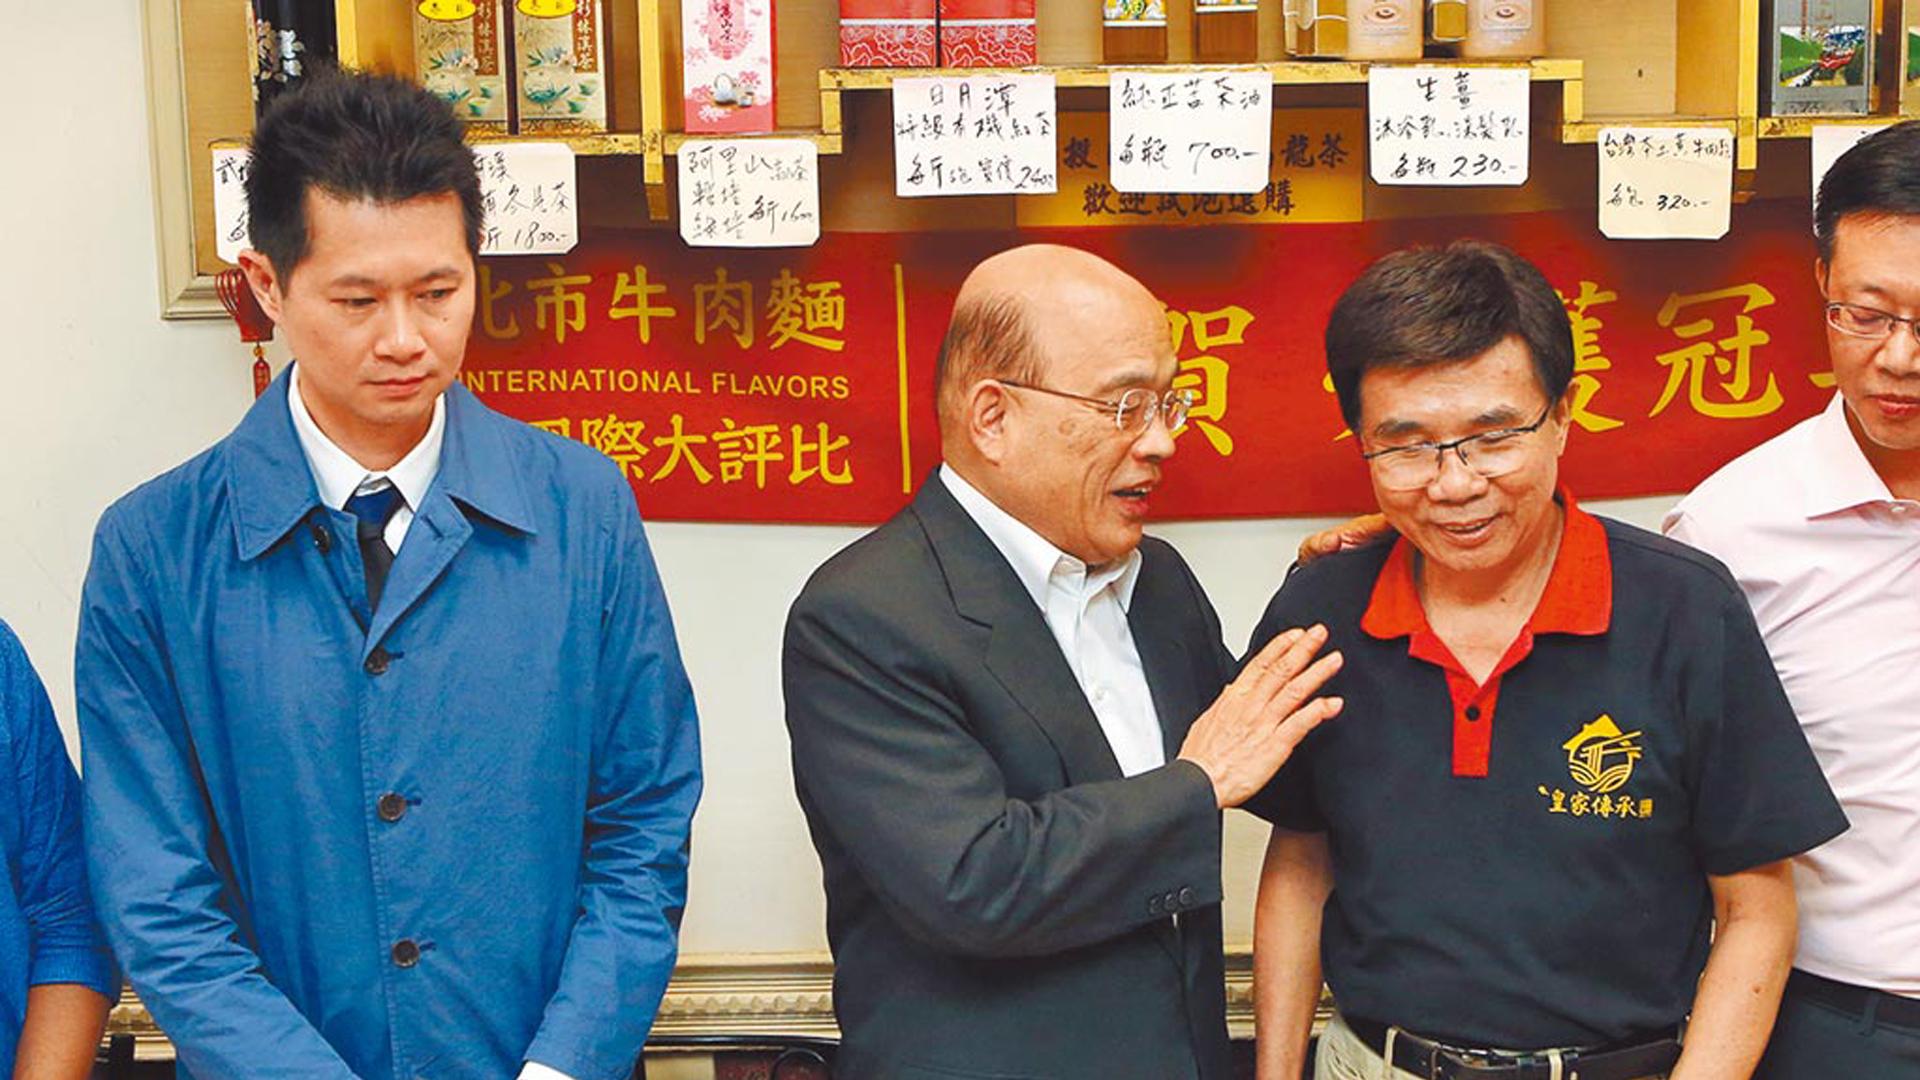 苏贞昌喉舌制造假新闻被迫辞职,民进党豢养网军终自作自受图片